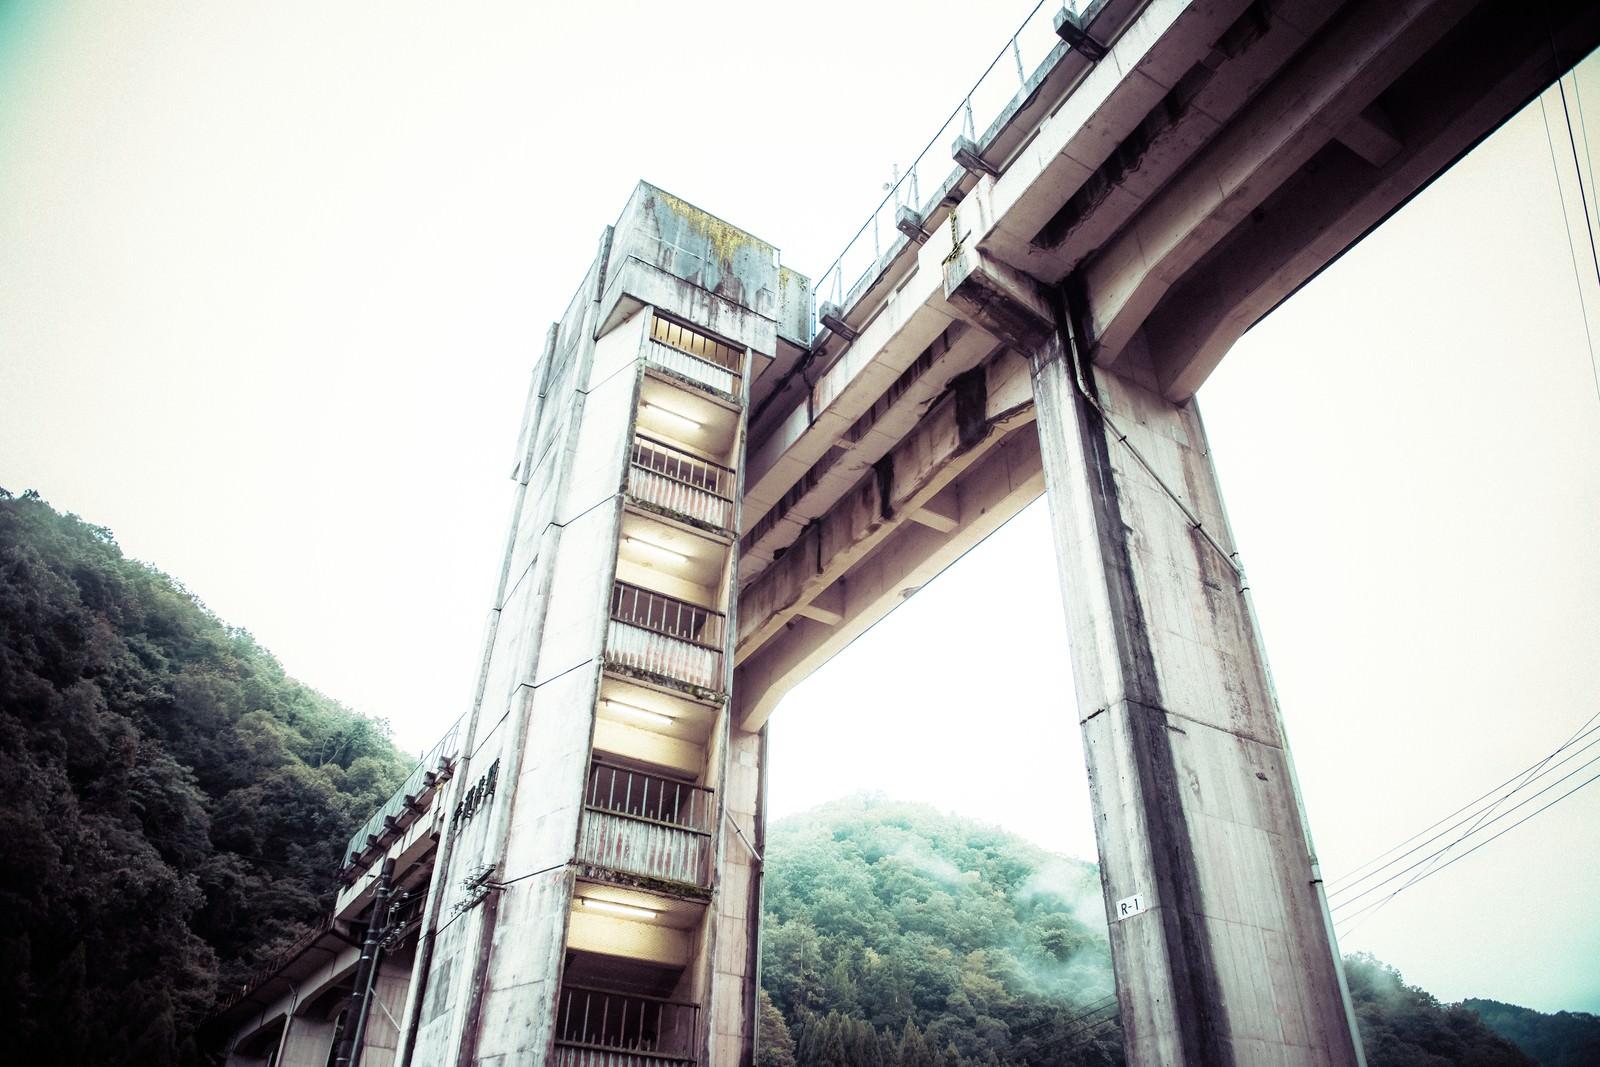 「天空の駅と呼ばれた三江線・宇都井駅を下から撮影(廃線)」の写真